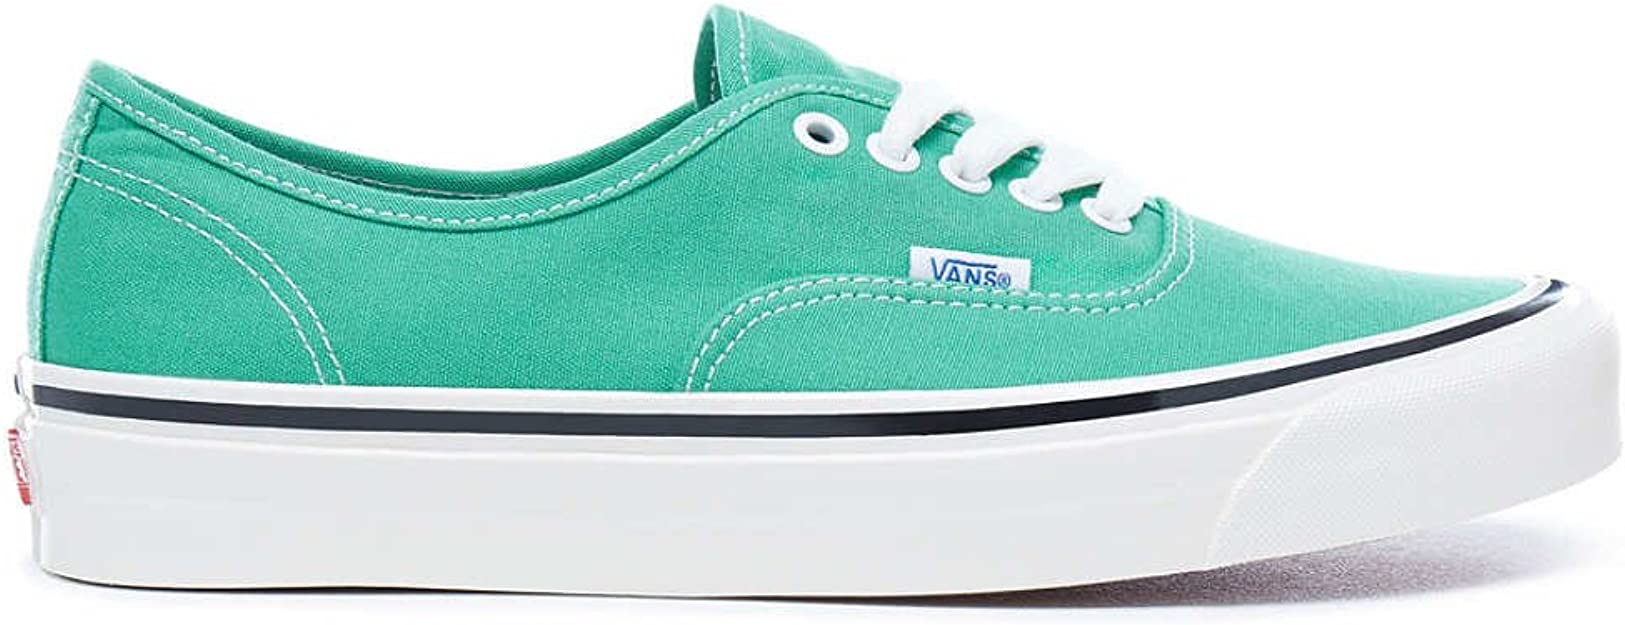 Vans Herren Sneaker Anaheim Factory Authentic 44 DX Sneakers